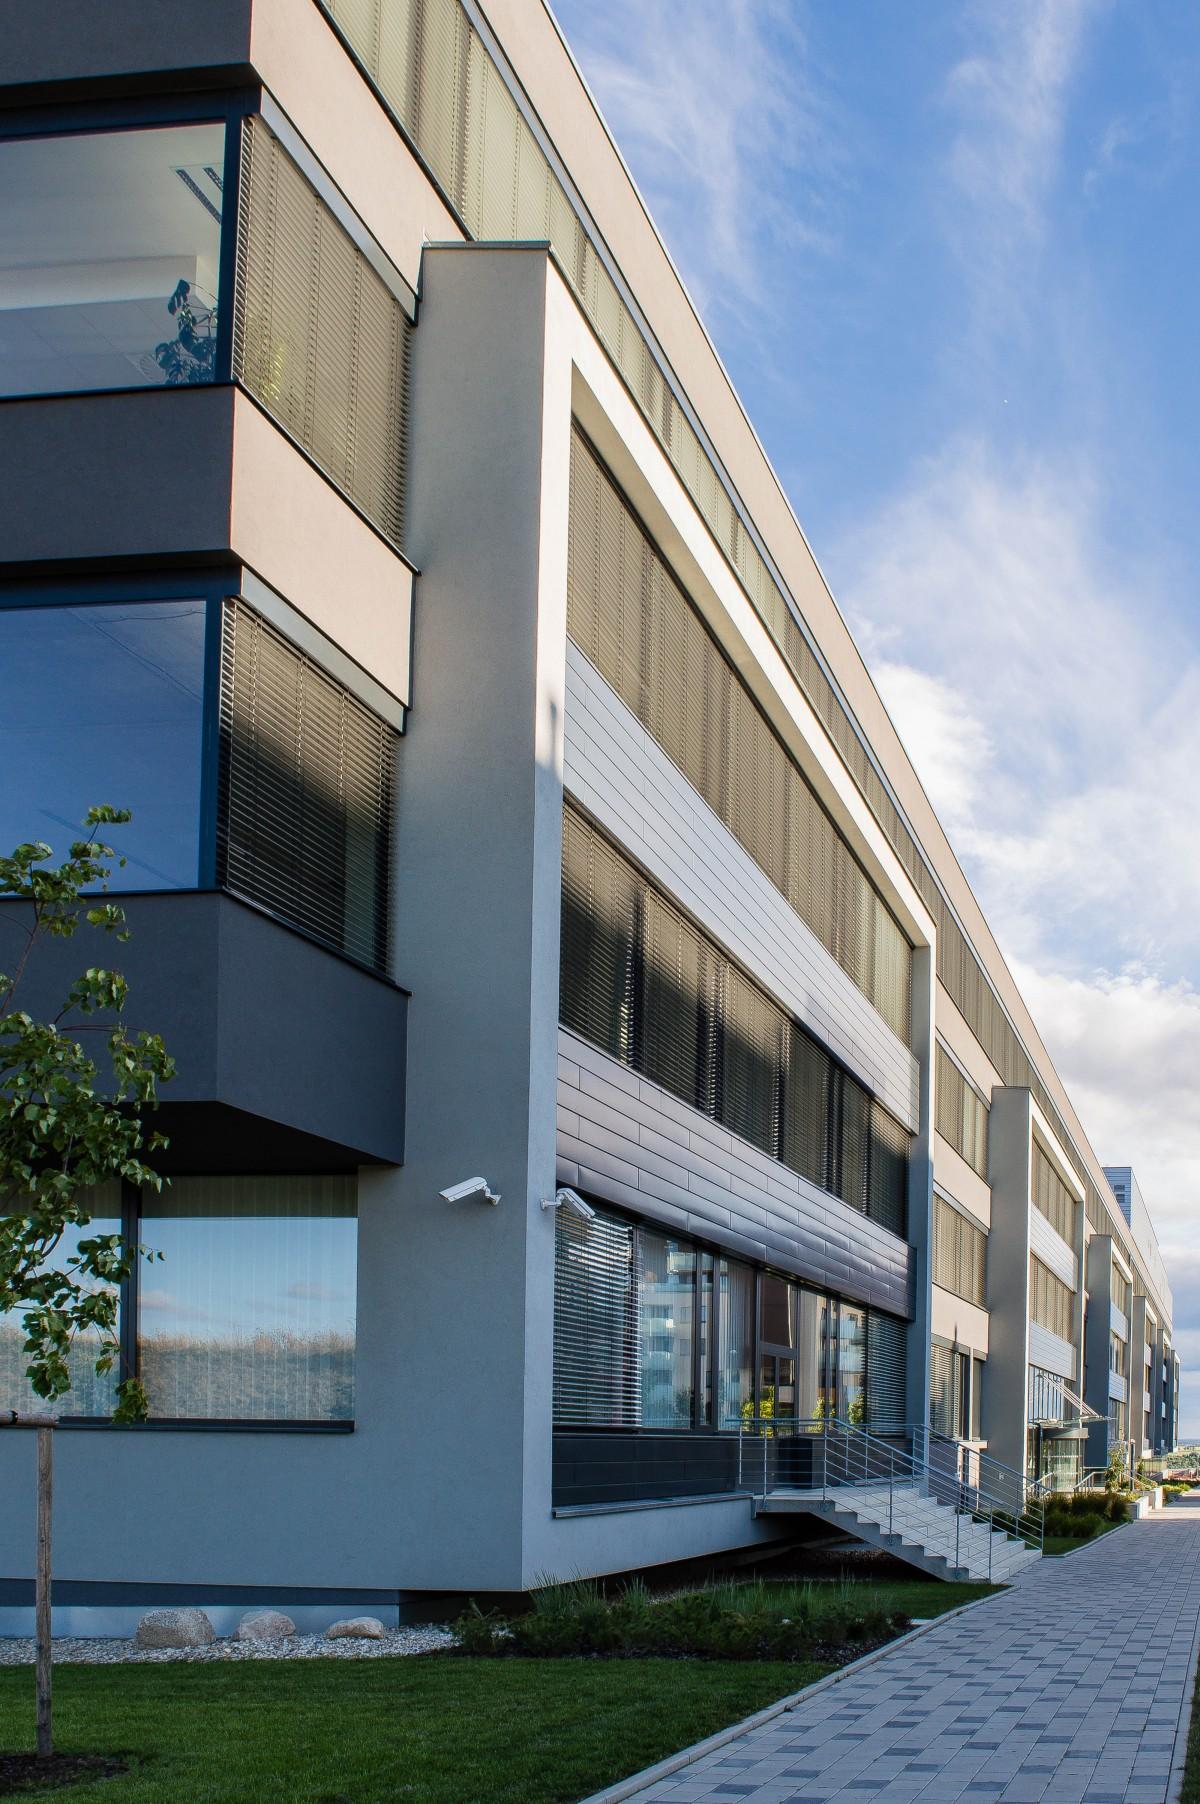 Images gratuites architecture maison verre paysage for Batiment architectural